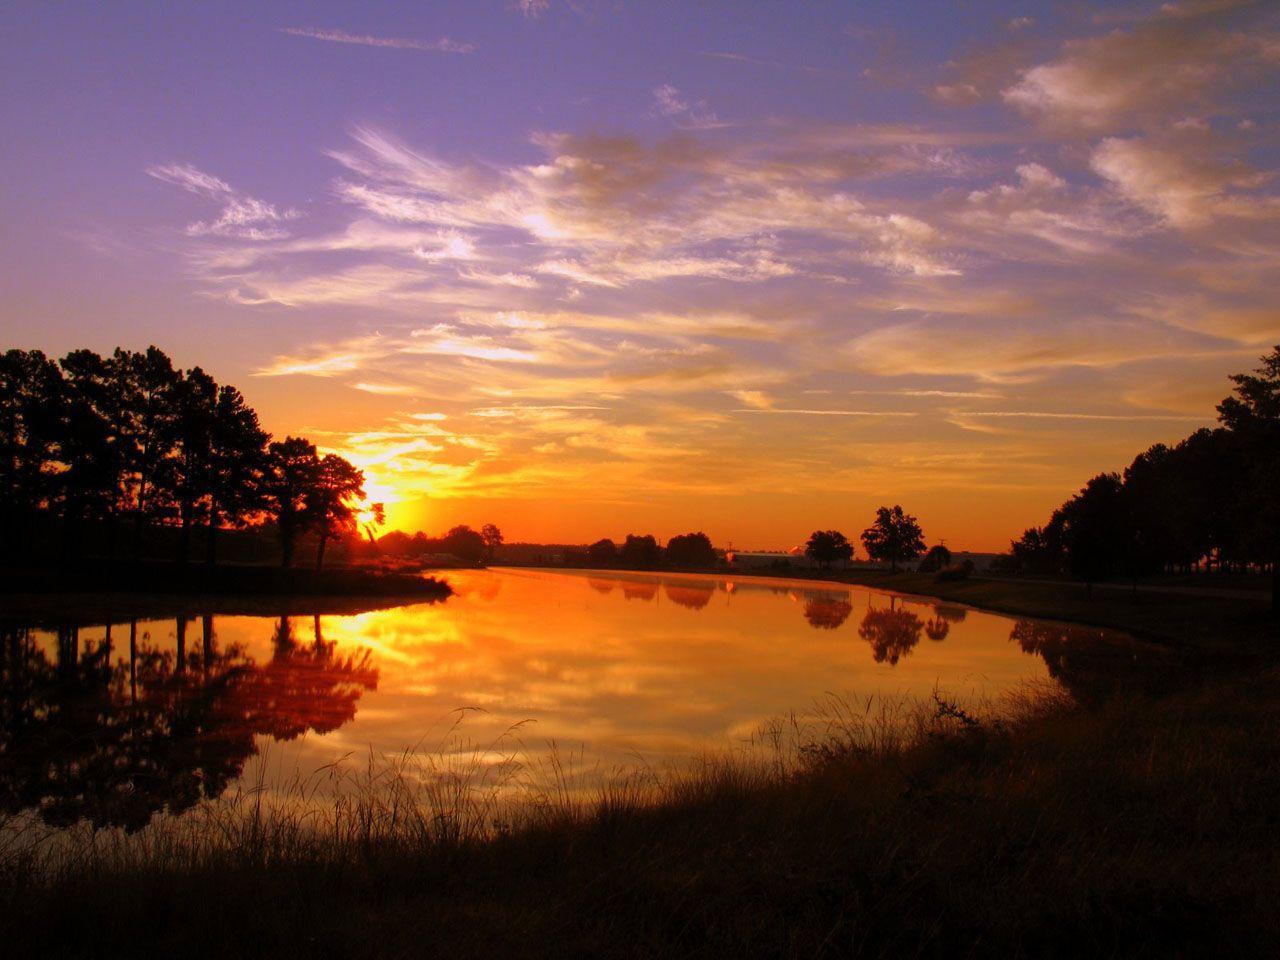 Hình nền mặt trời mọc gần biển 1280x960